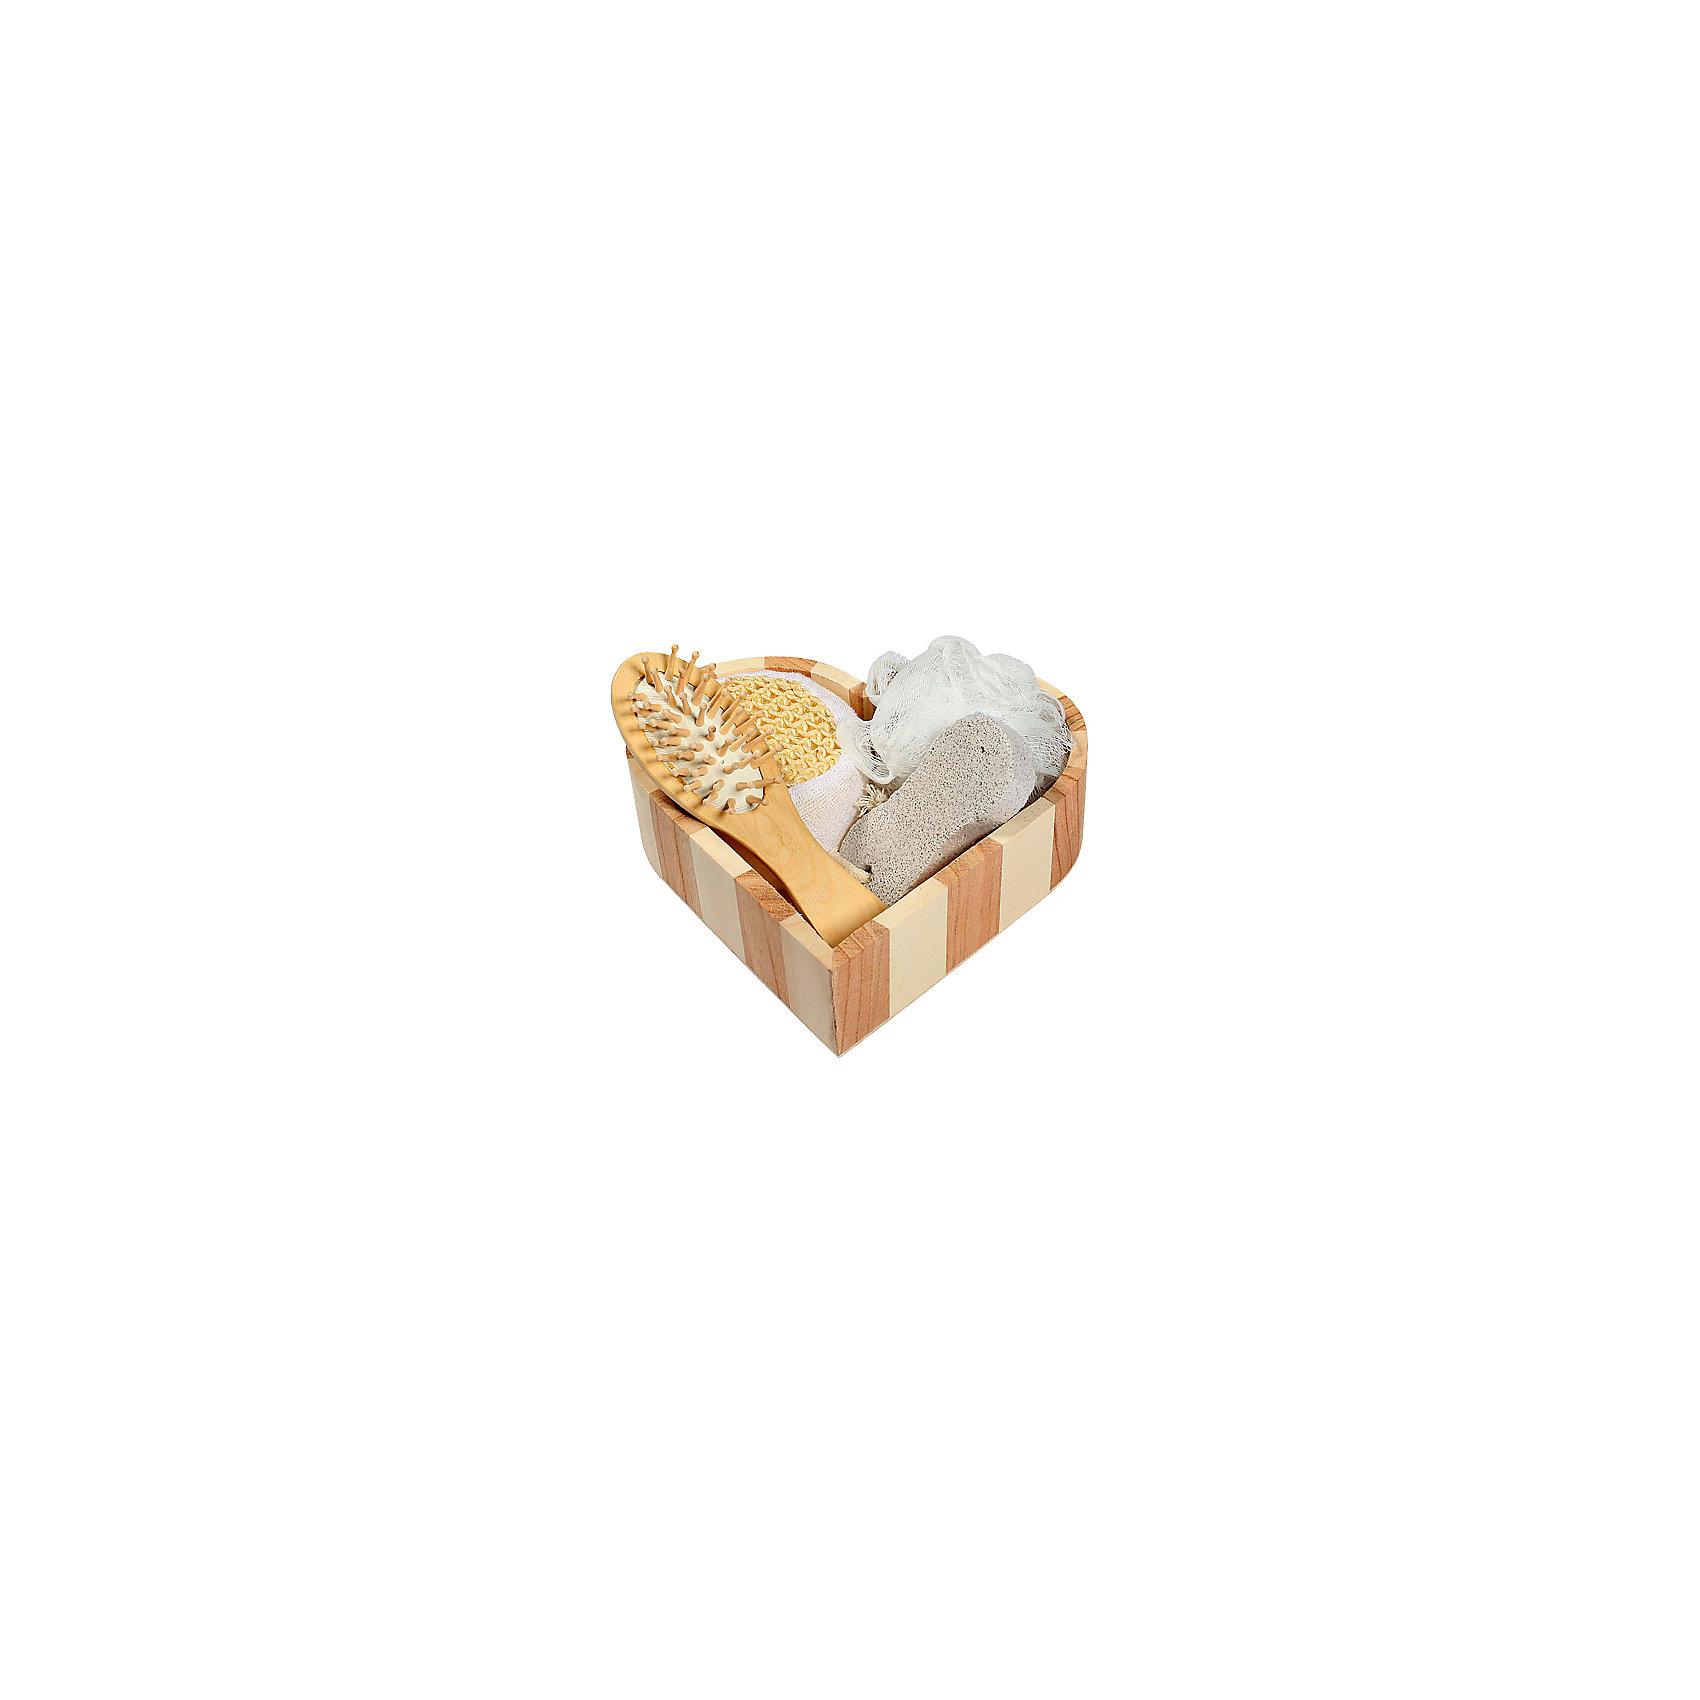 Набор для ванной и бани РомантикаНабор для ванной и бани Романтика в декоративной лохани из древесины тополя (мочалка для купания из полиэтилена,  массажная щетка для волос из древесины павловнии, пемза для ухода за кожей, мочалка для купания из сизаля). Набор станет прекрасным дополнением Вашей ванной комнаты.<br><br>Ширина мм: 50<br>Глубина мм: 180<br>Высота мм: 190<br>Вес г: 204<br>Возраст от месяцев: 36<br>Возраст до месяцев: 2147483647<br>Пол: Унисекс<br>Возраст: Детский<br>SKU: 5479413